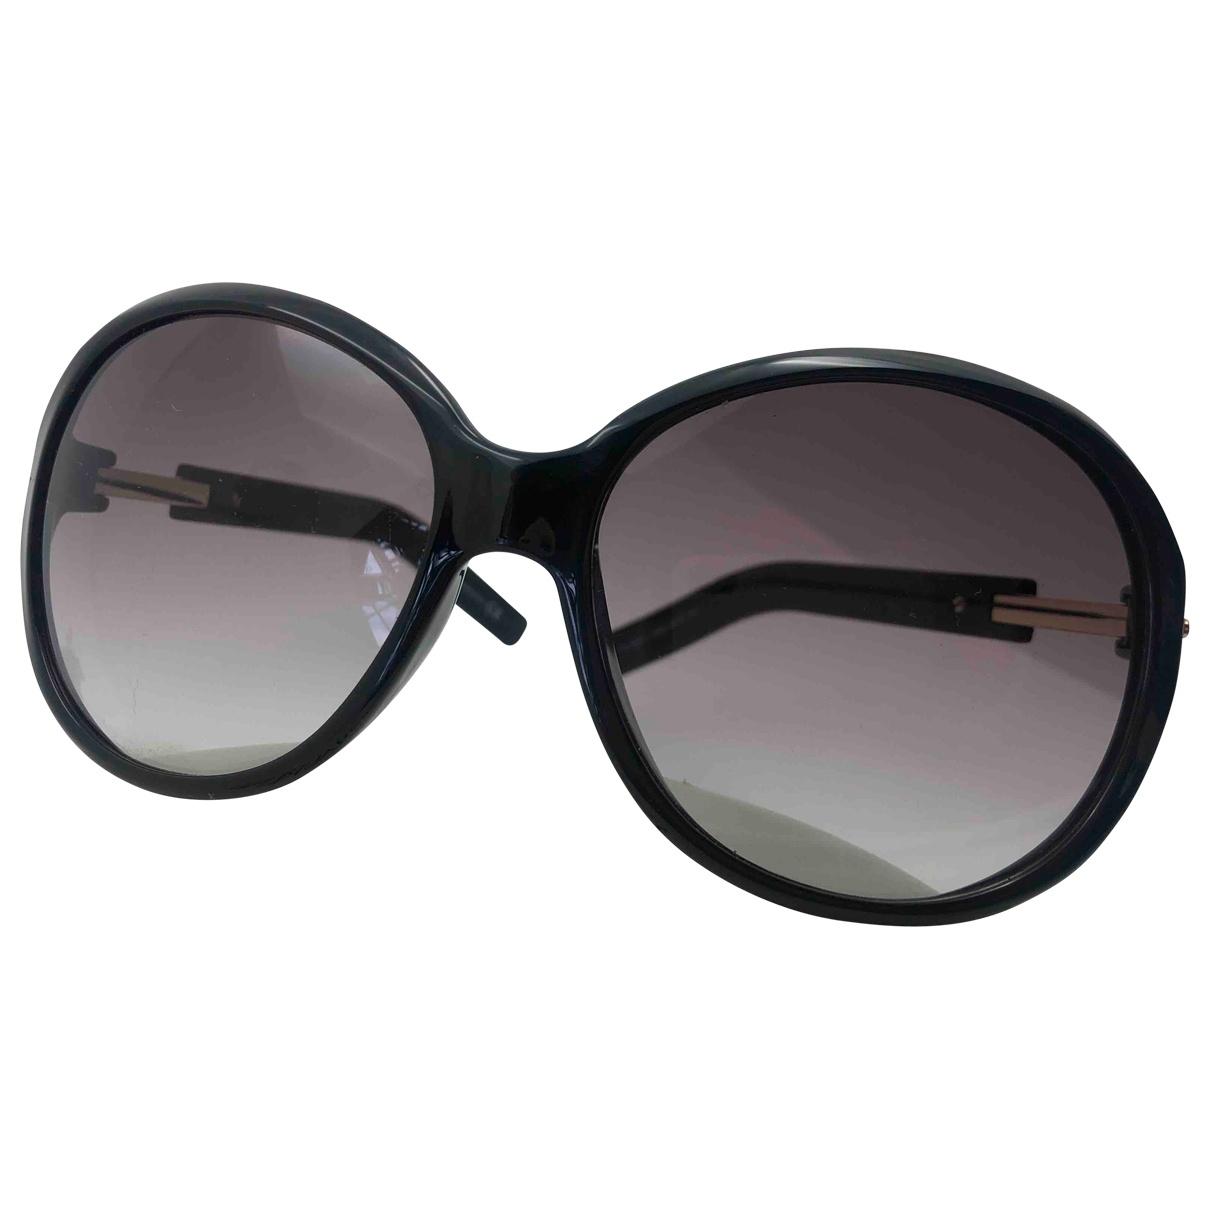 Yves Saint Laurent \N Black Sunglasses for Women \N